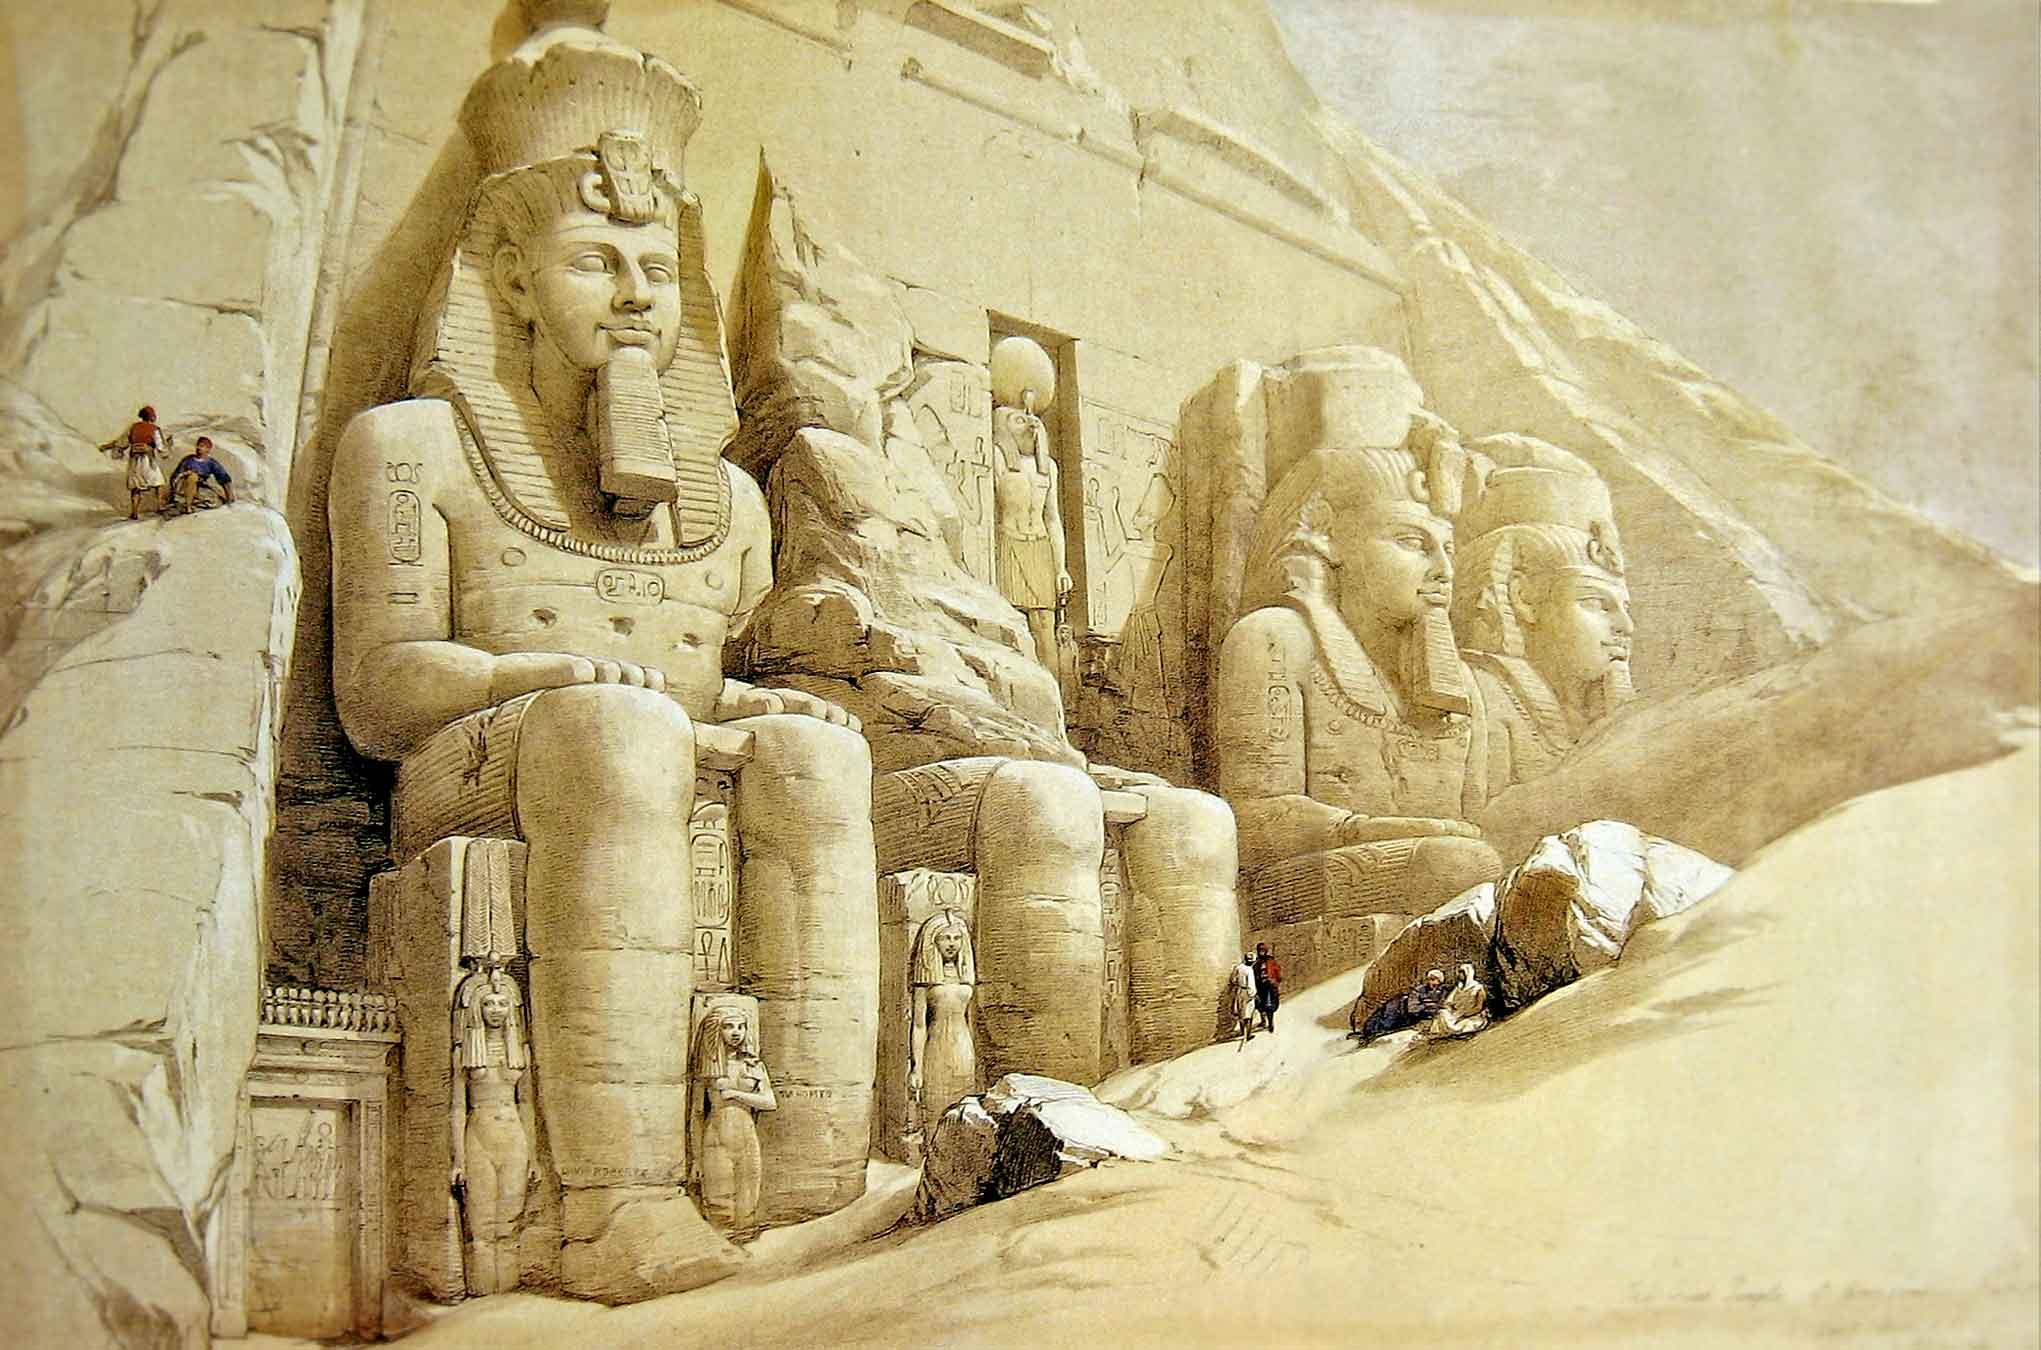 Neues Aus Dem Alten Ägypten @ Archäologie Online verwandt mit Altes Ägypten Bilder